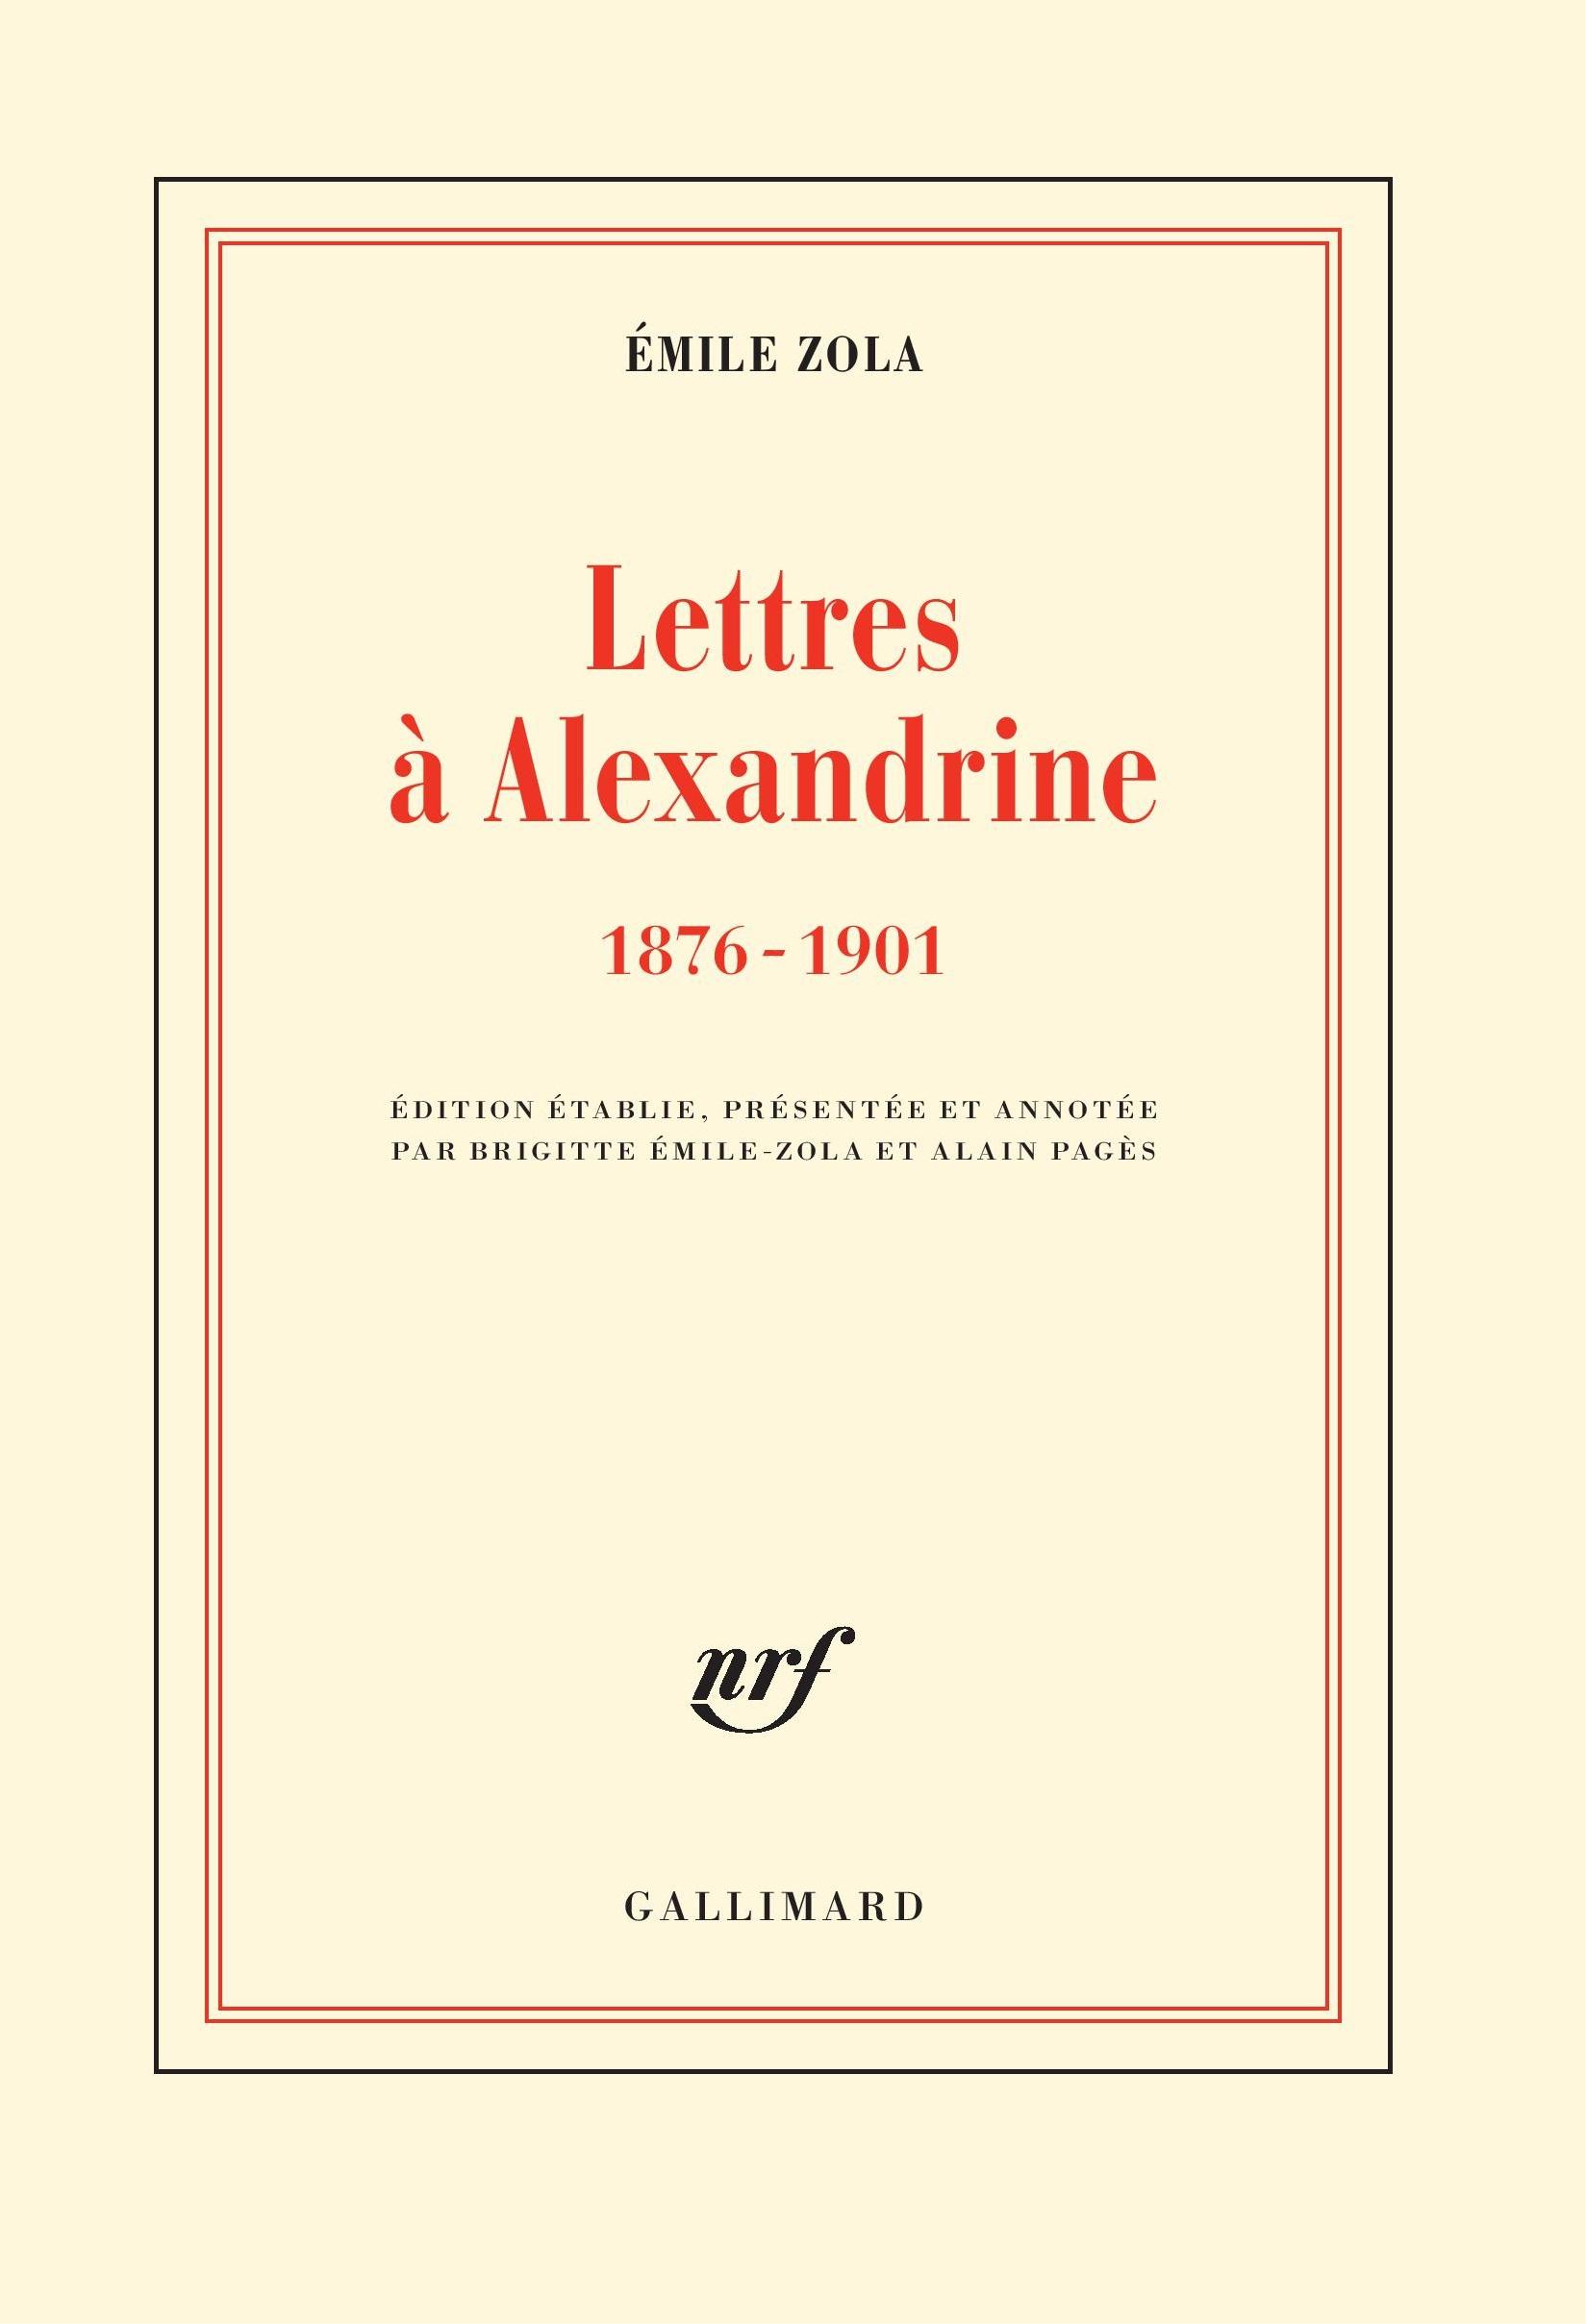 Lettres à Alexandrine (1876-1901)